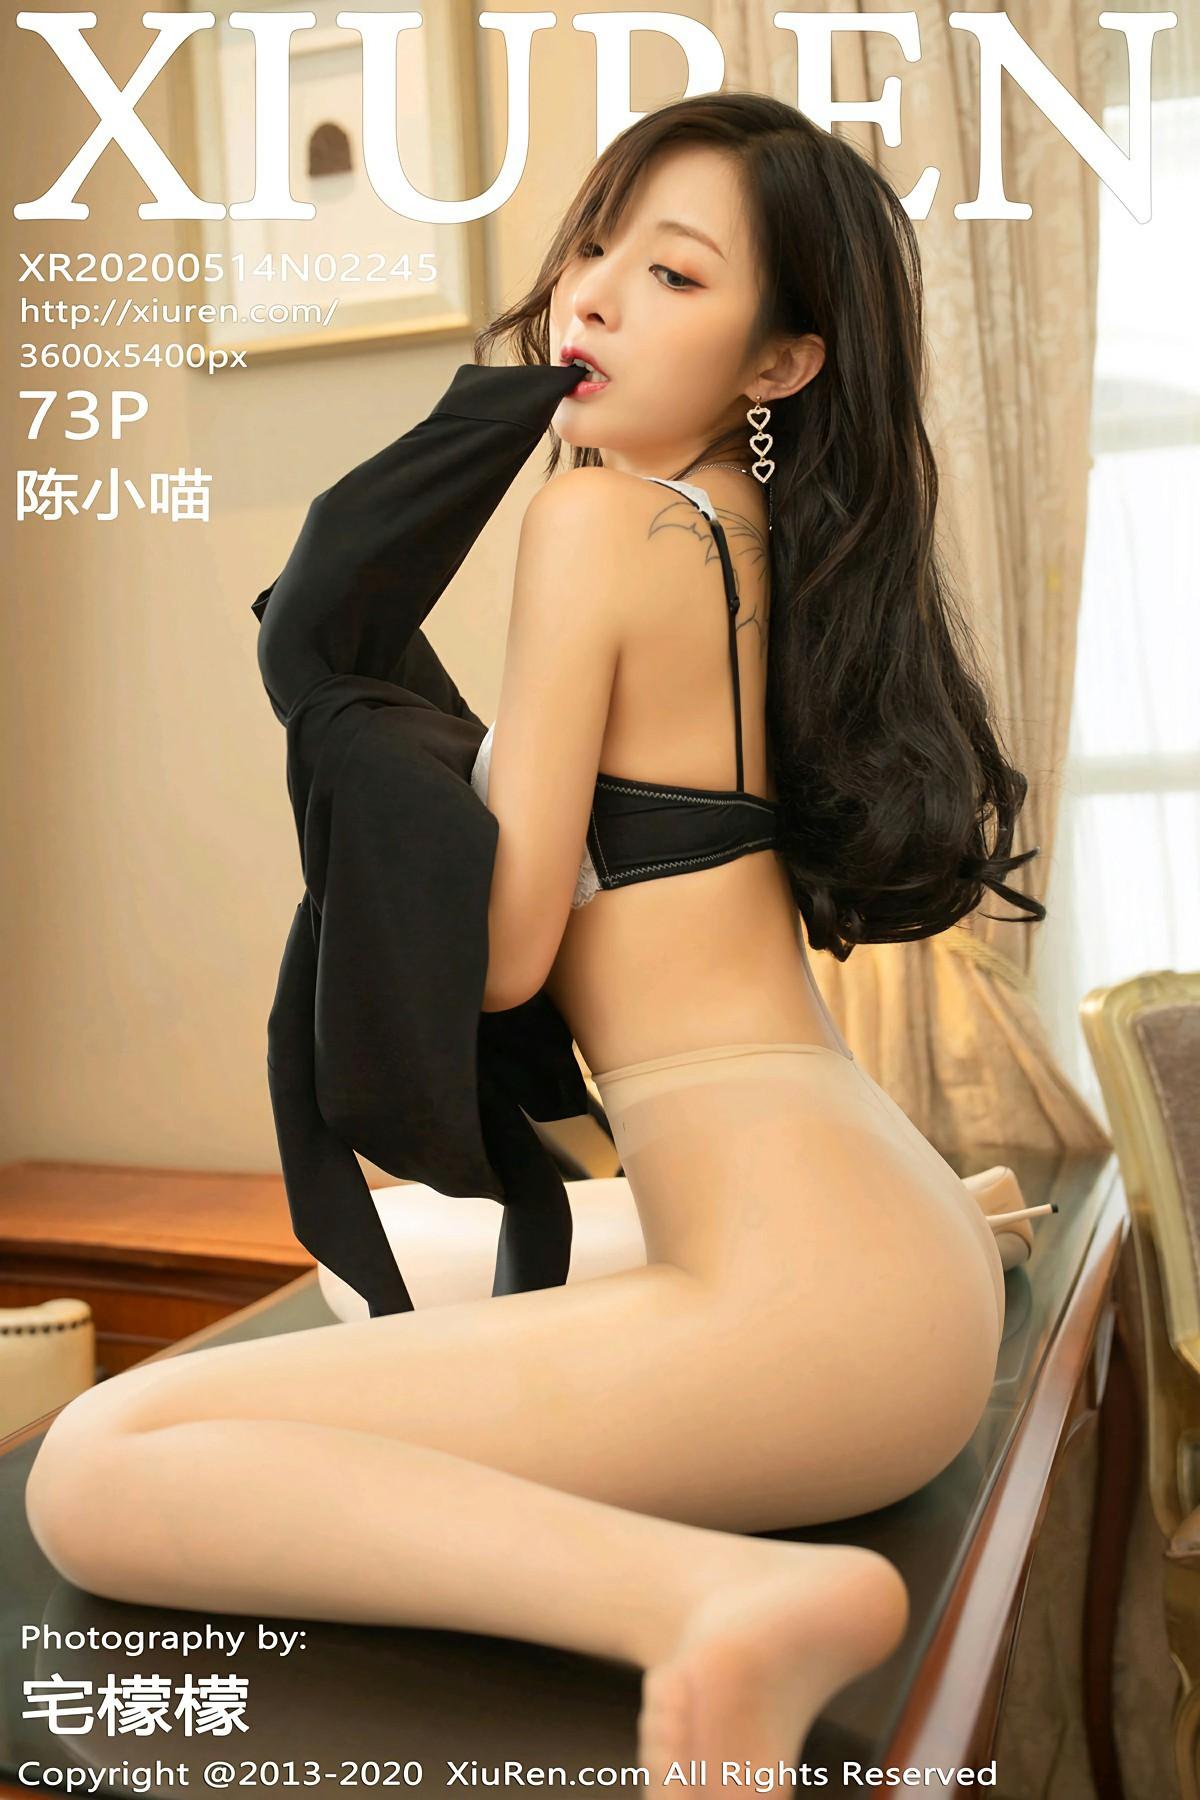 [XiuRen秀人网]2020.05.14 No.2245 陈小喵 第1张